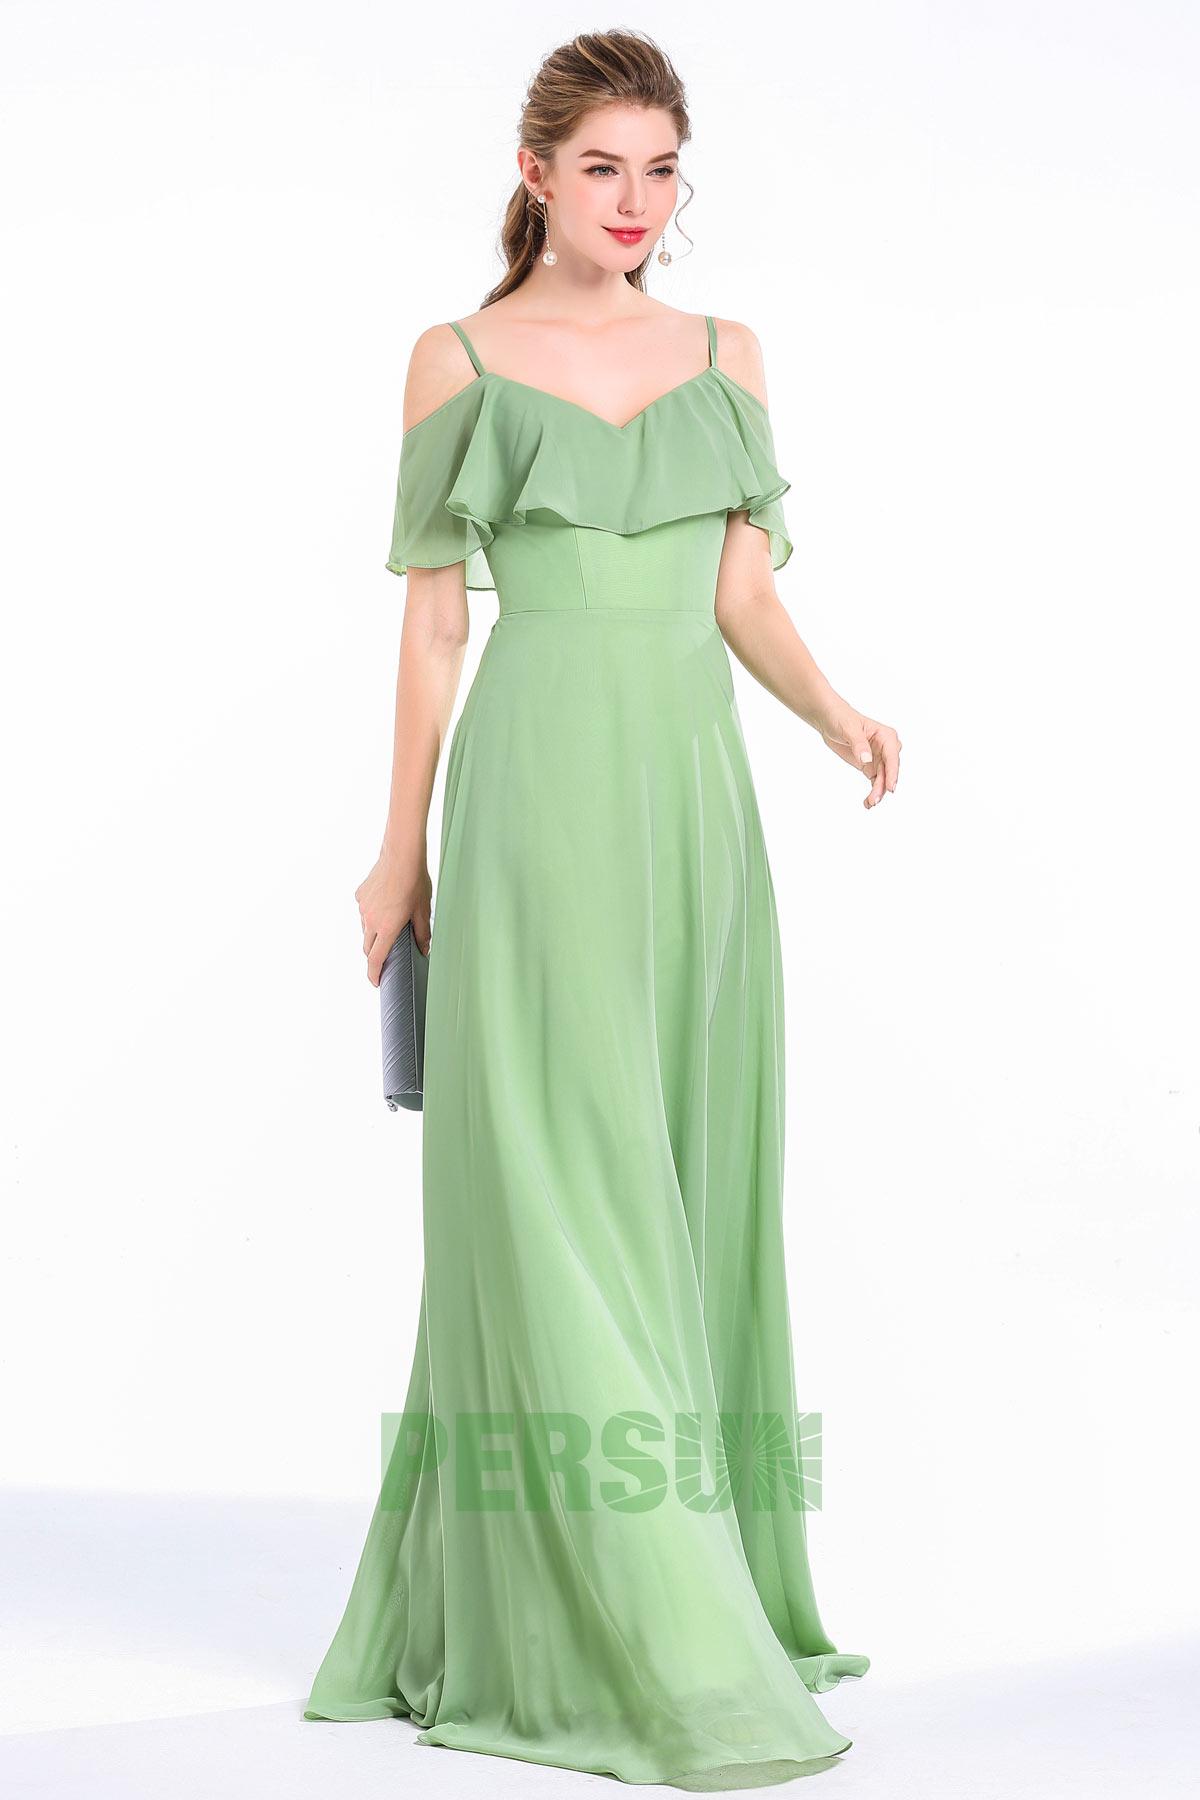 Robe longue vert greenery à haut volants pour cortège mariage